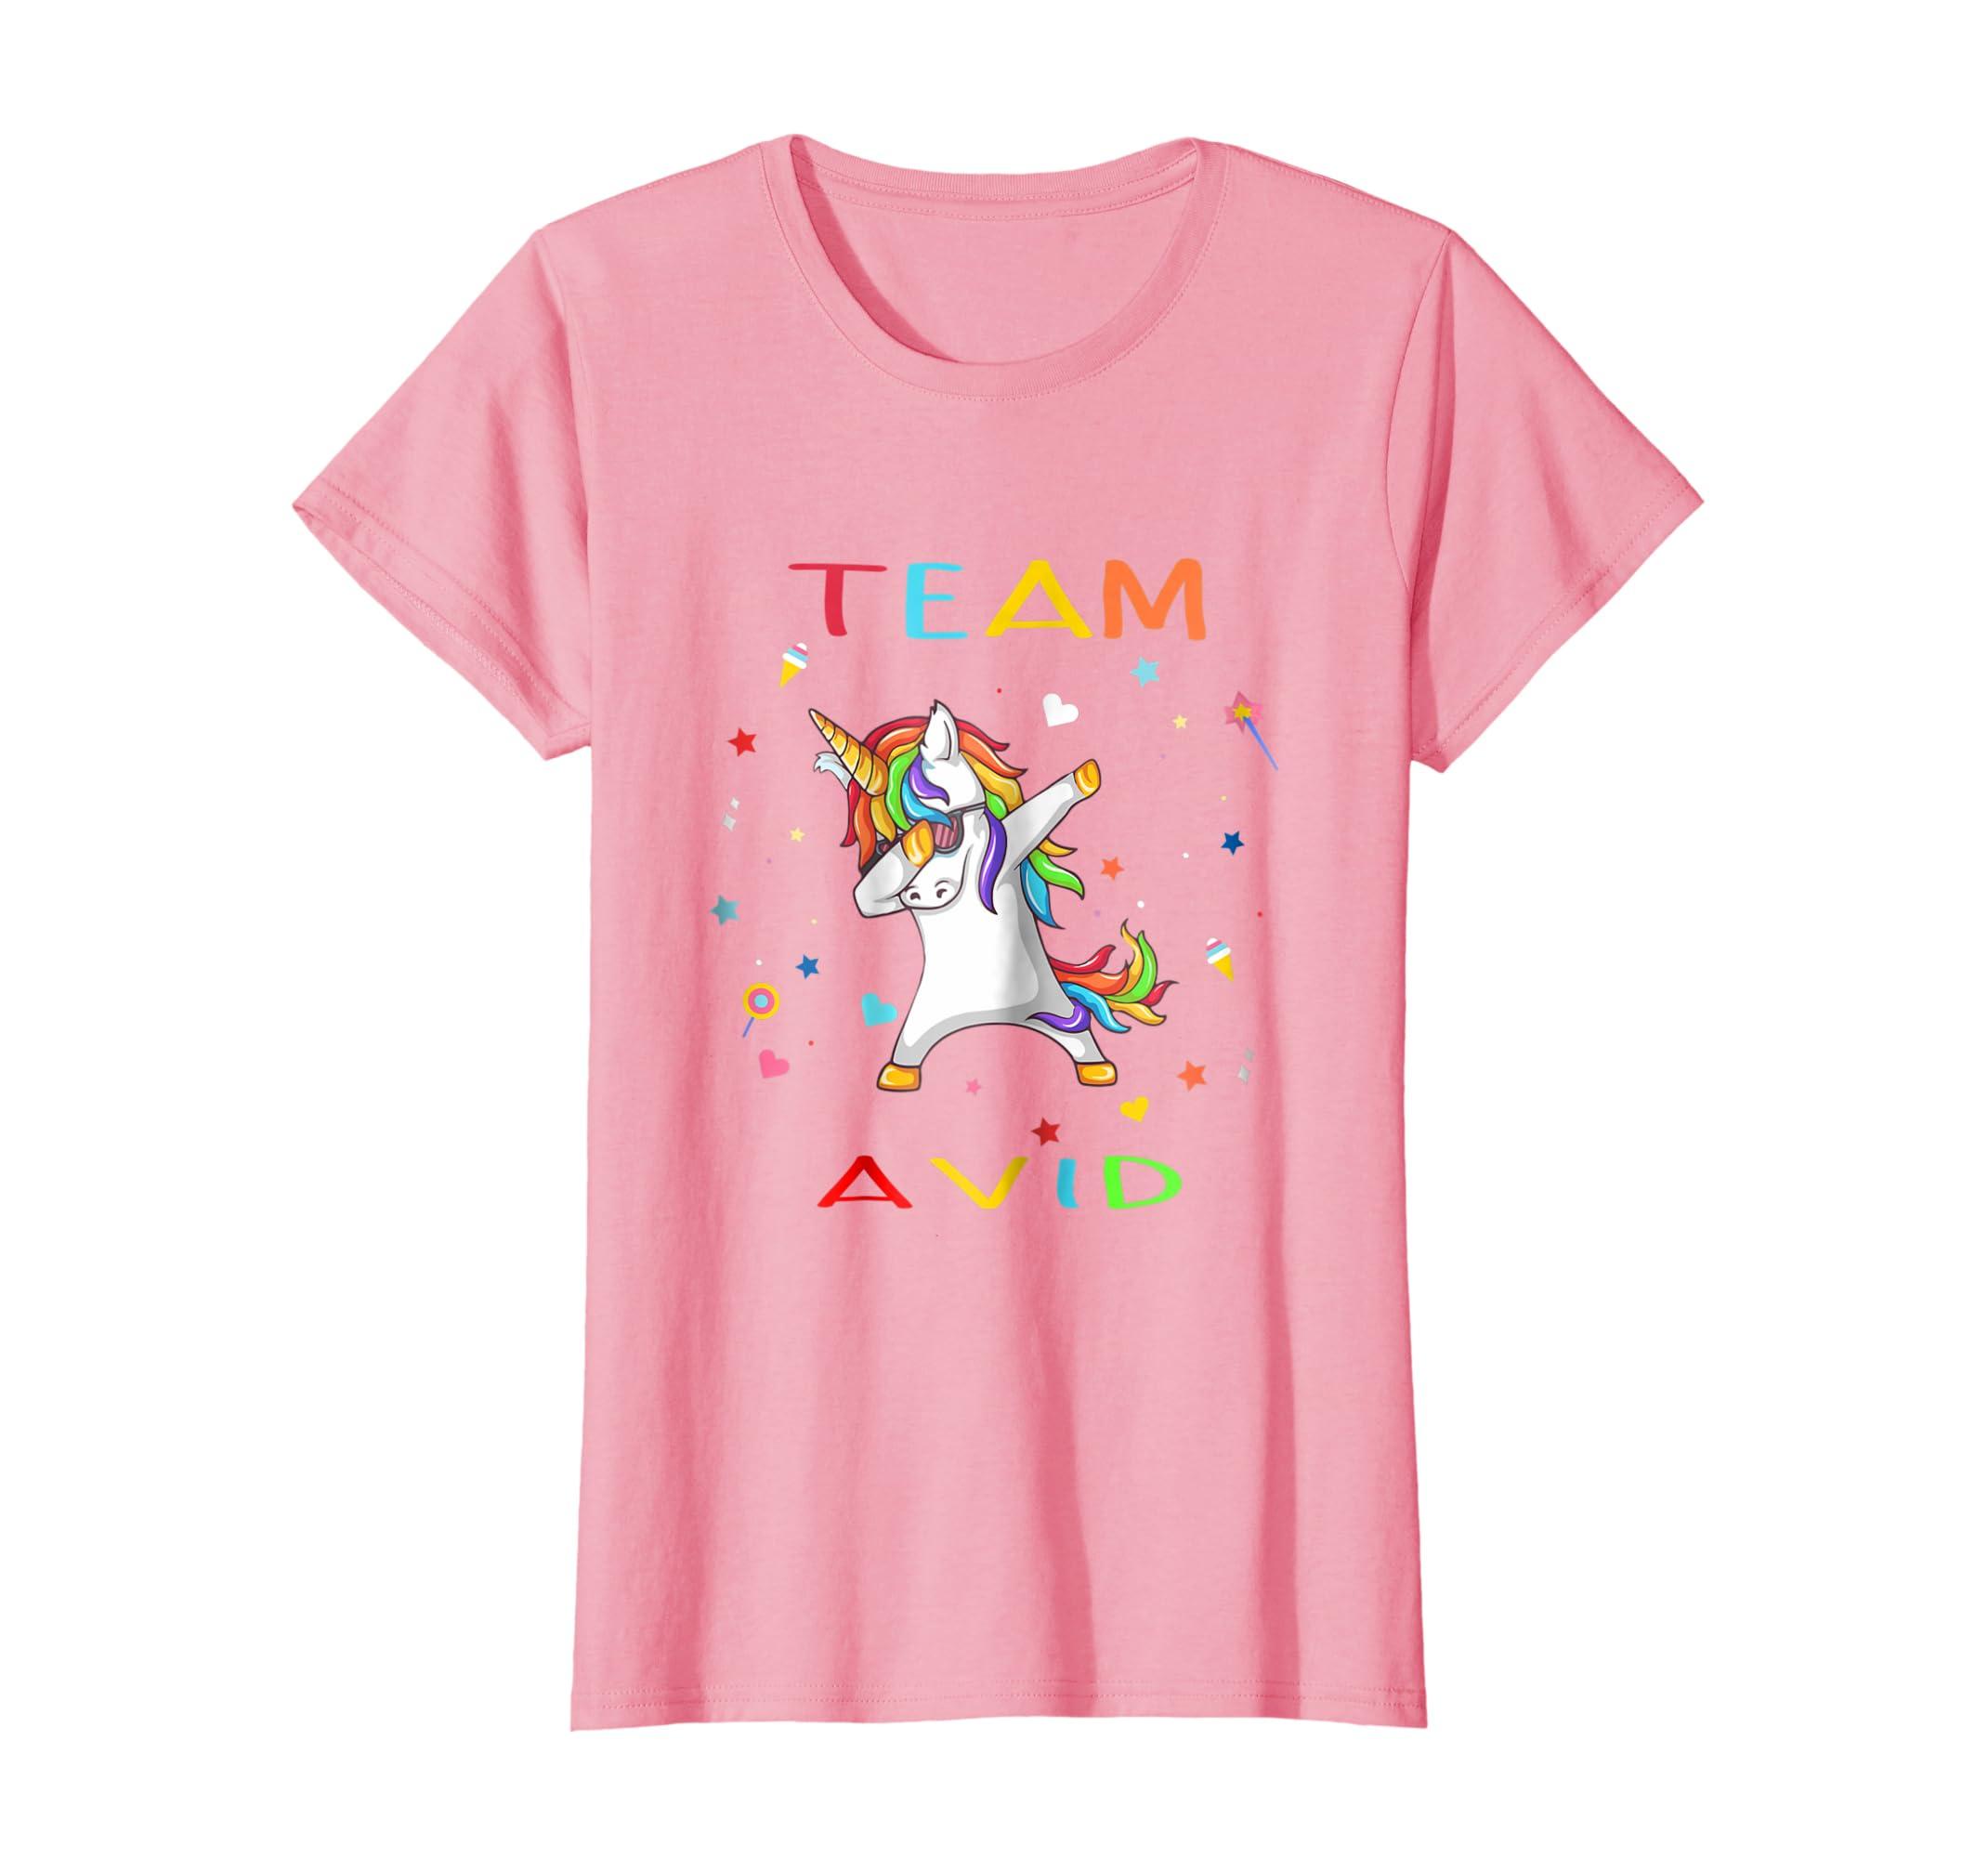 AVID Shirt   Team AVID Back to School shirt